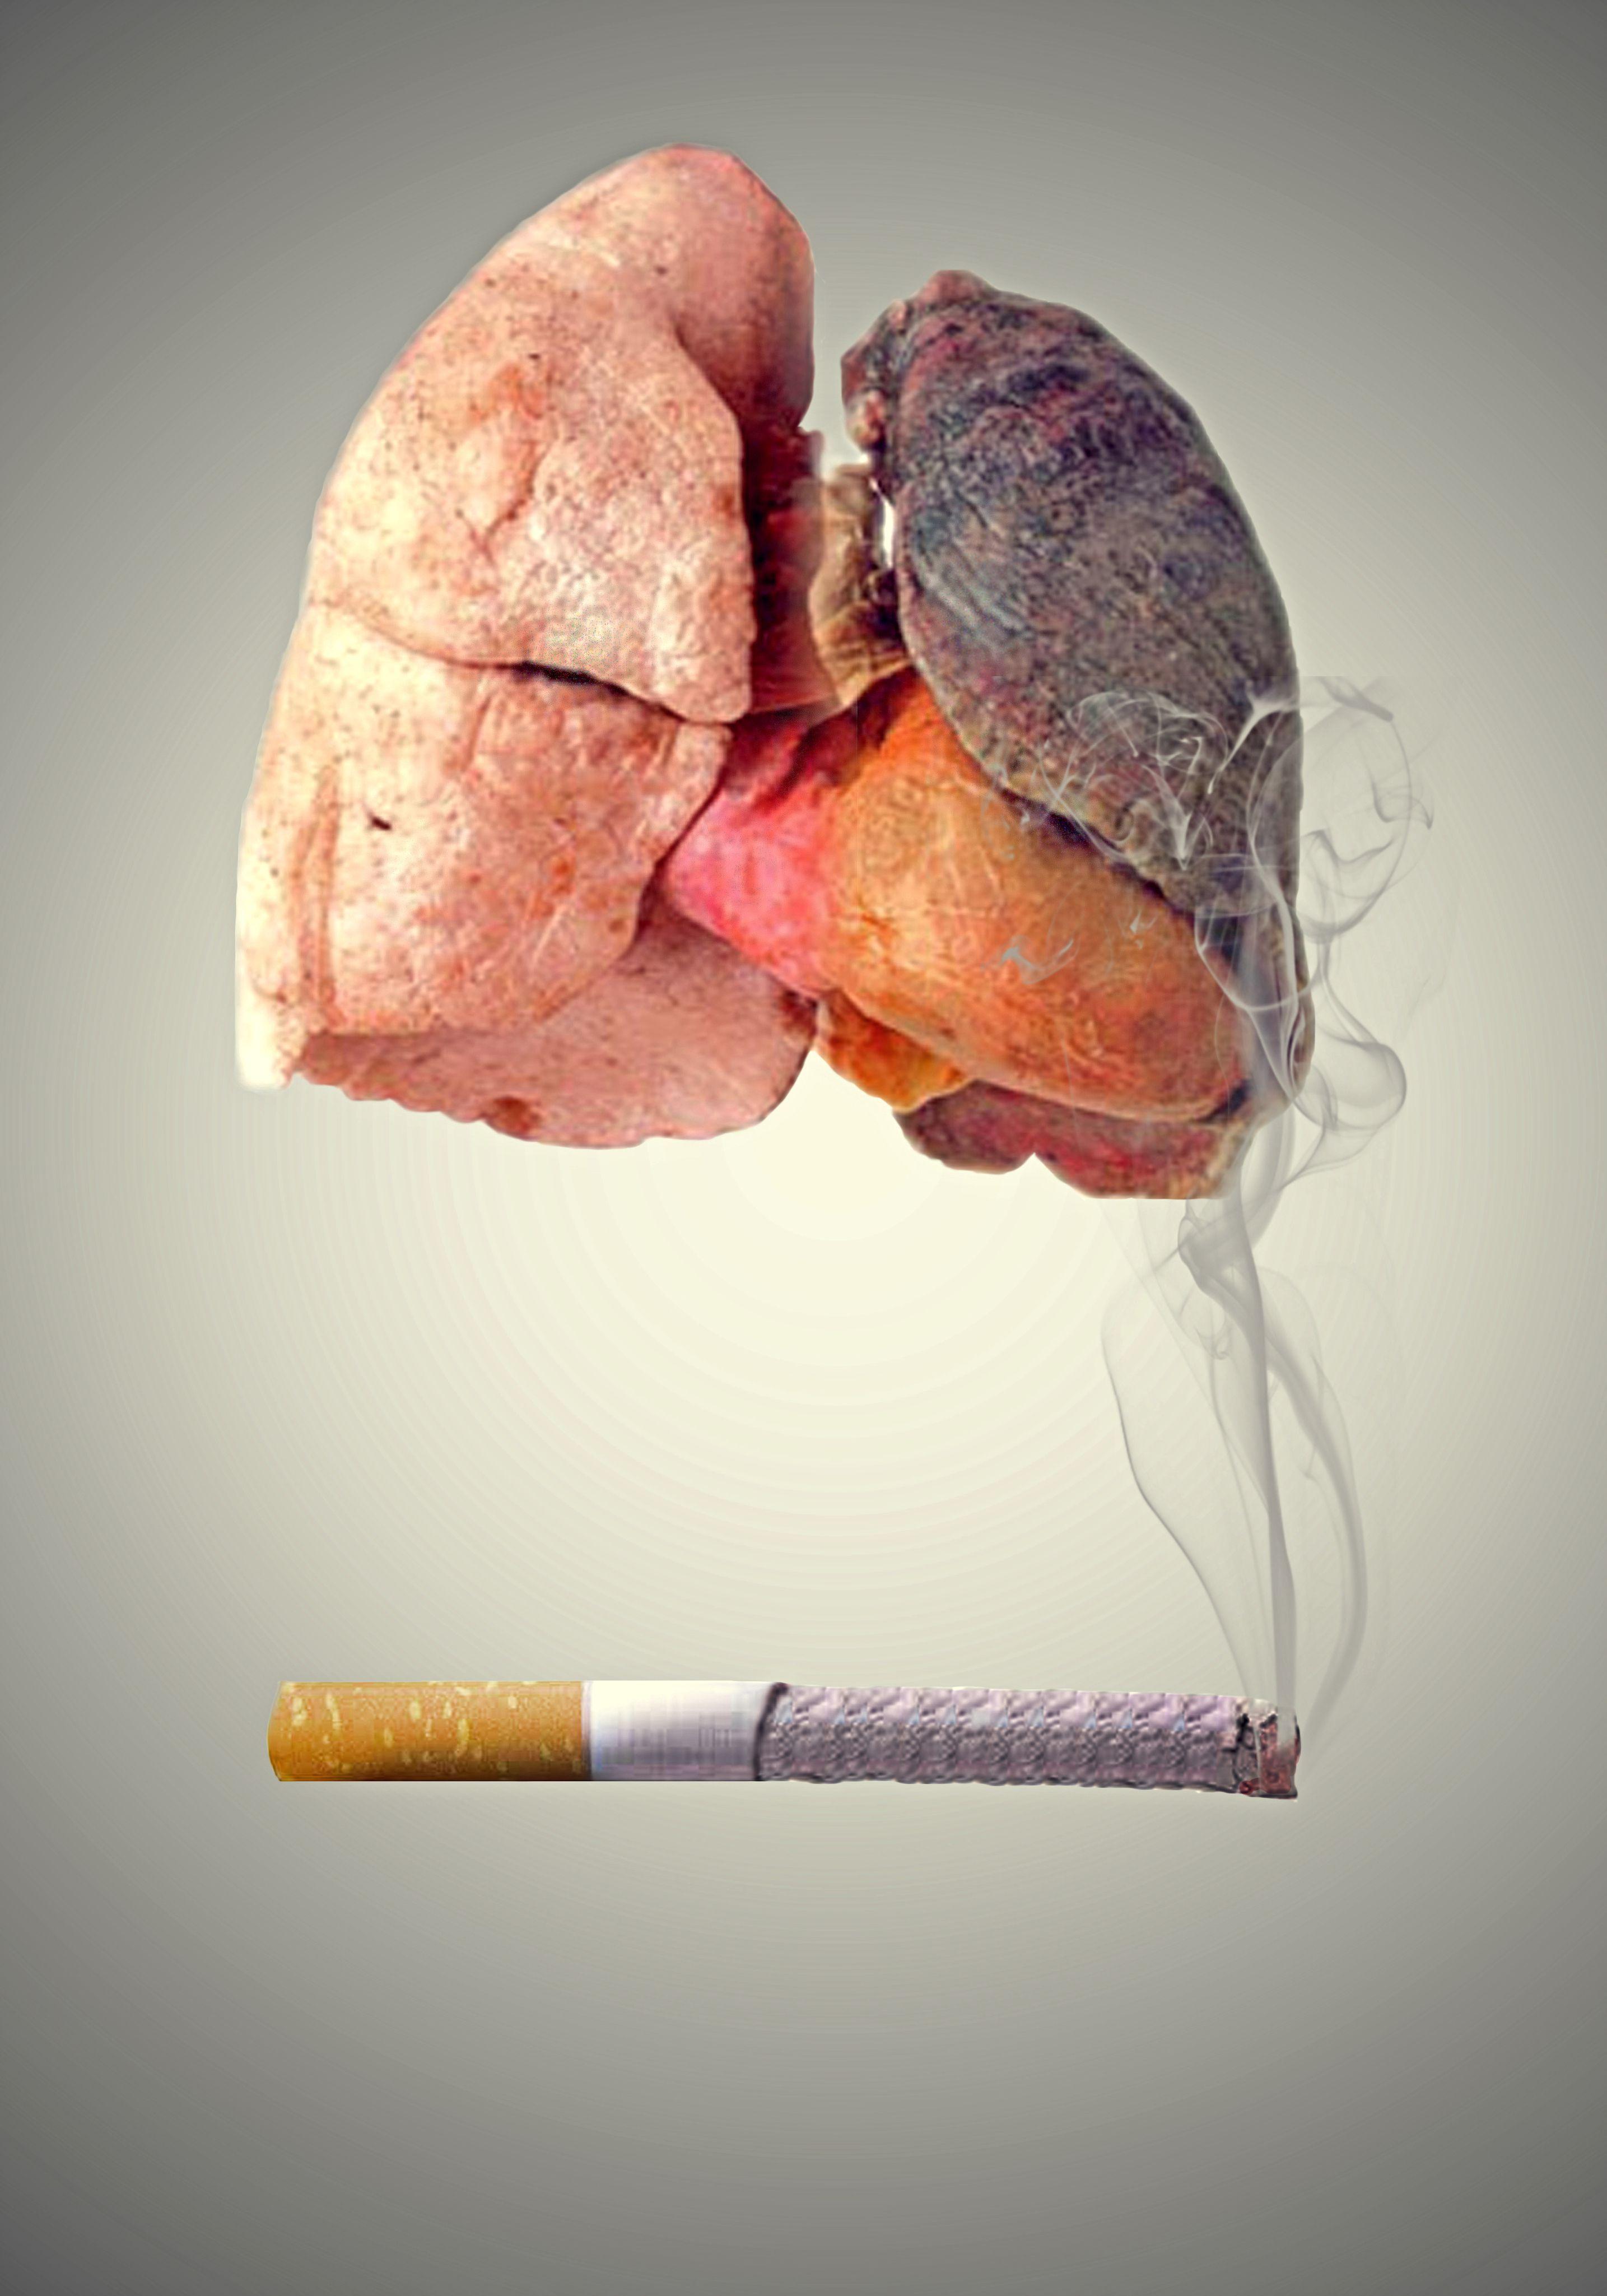 унт картинки когда человек курит близится хэллоуин